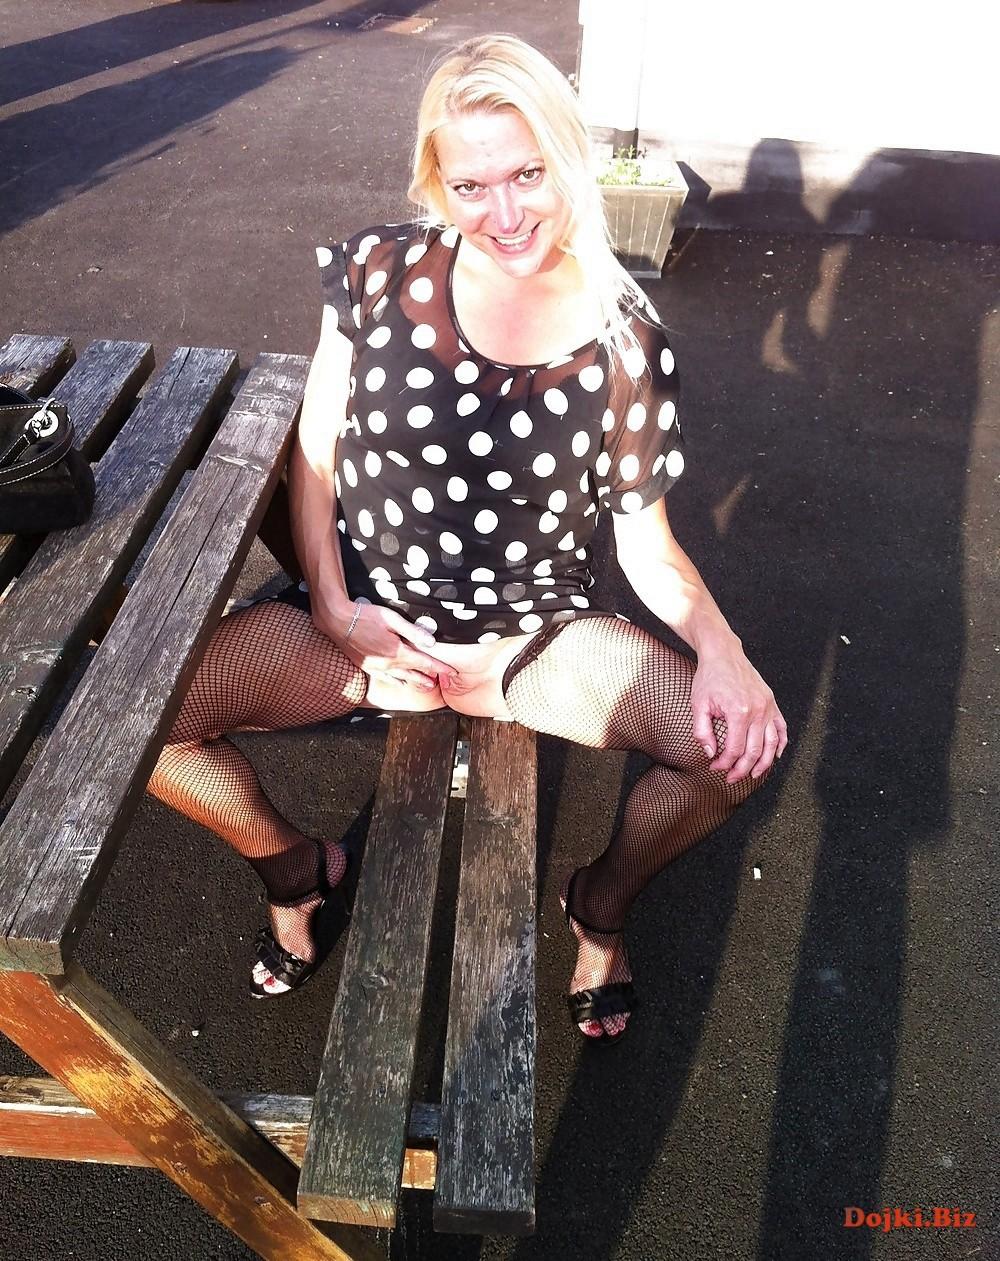 Развратная женщина раздвинула половые губки на лавочке